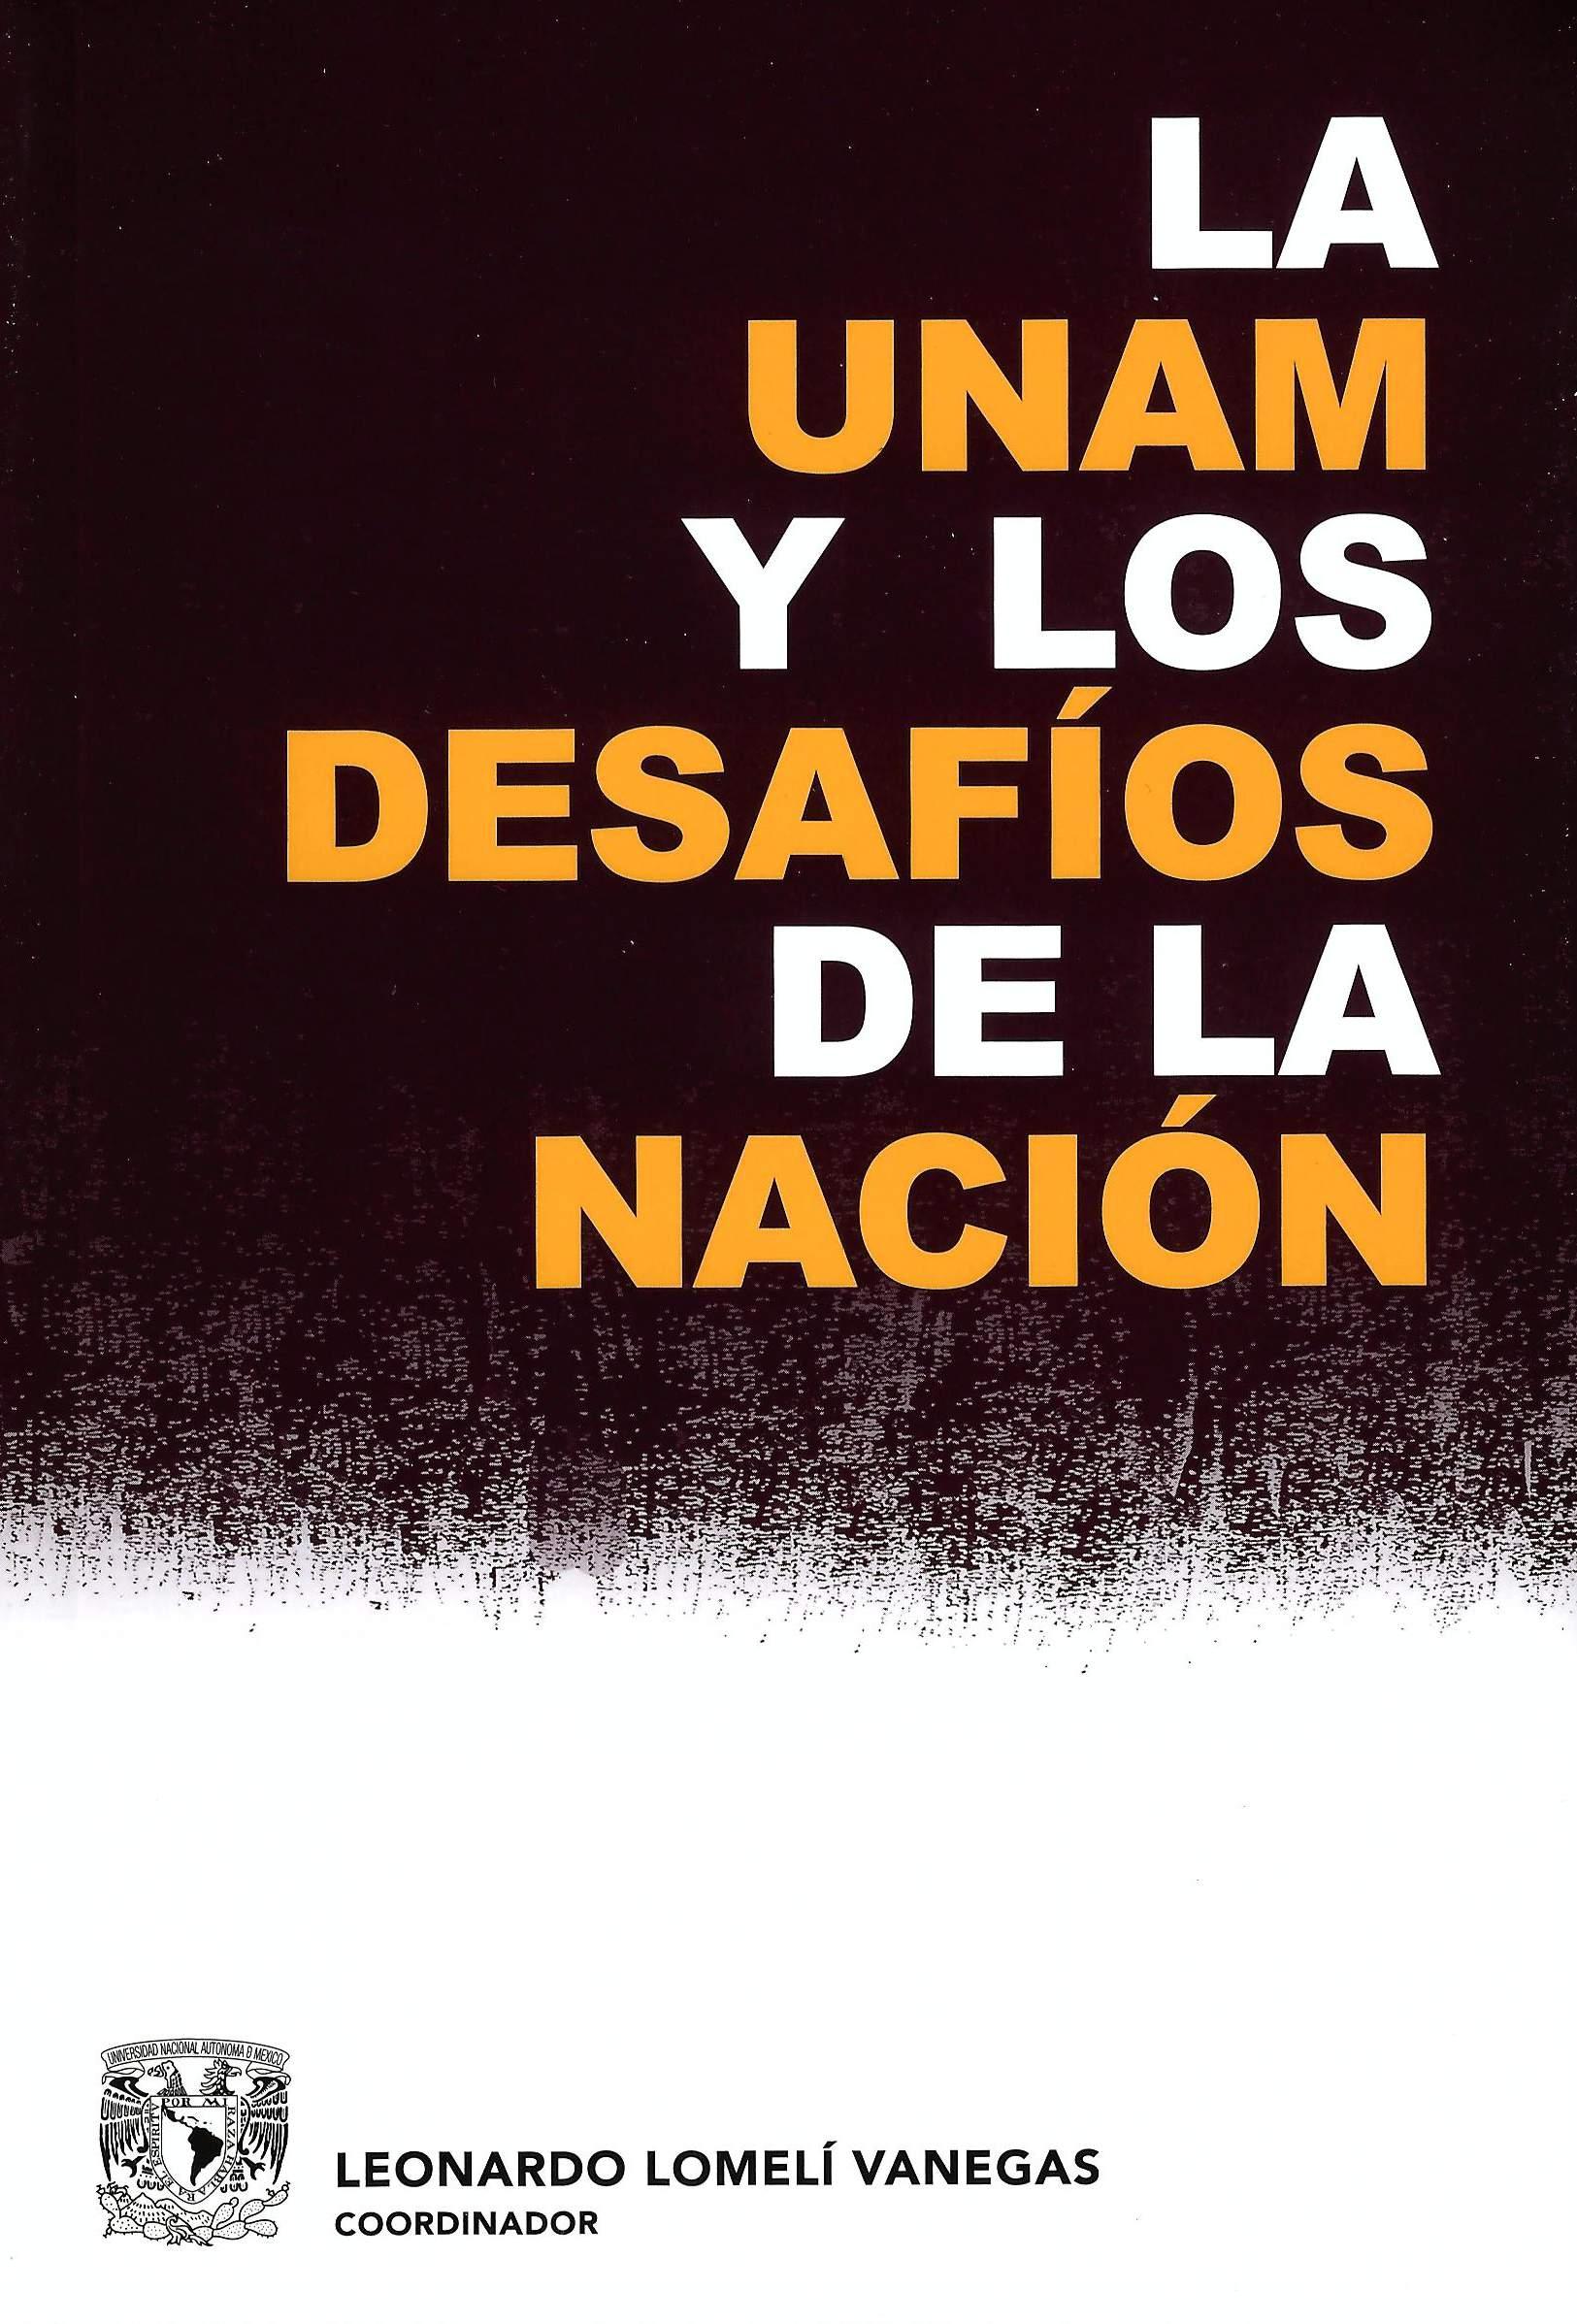 La UNAM y los desafíos de la Nación